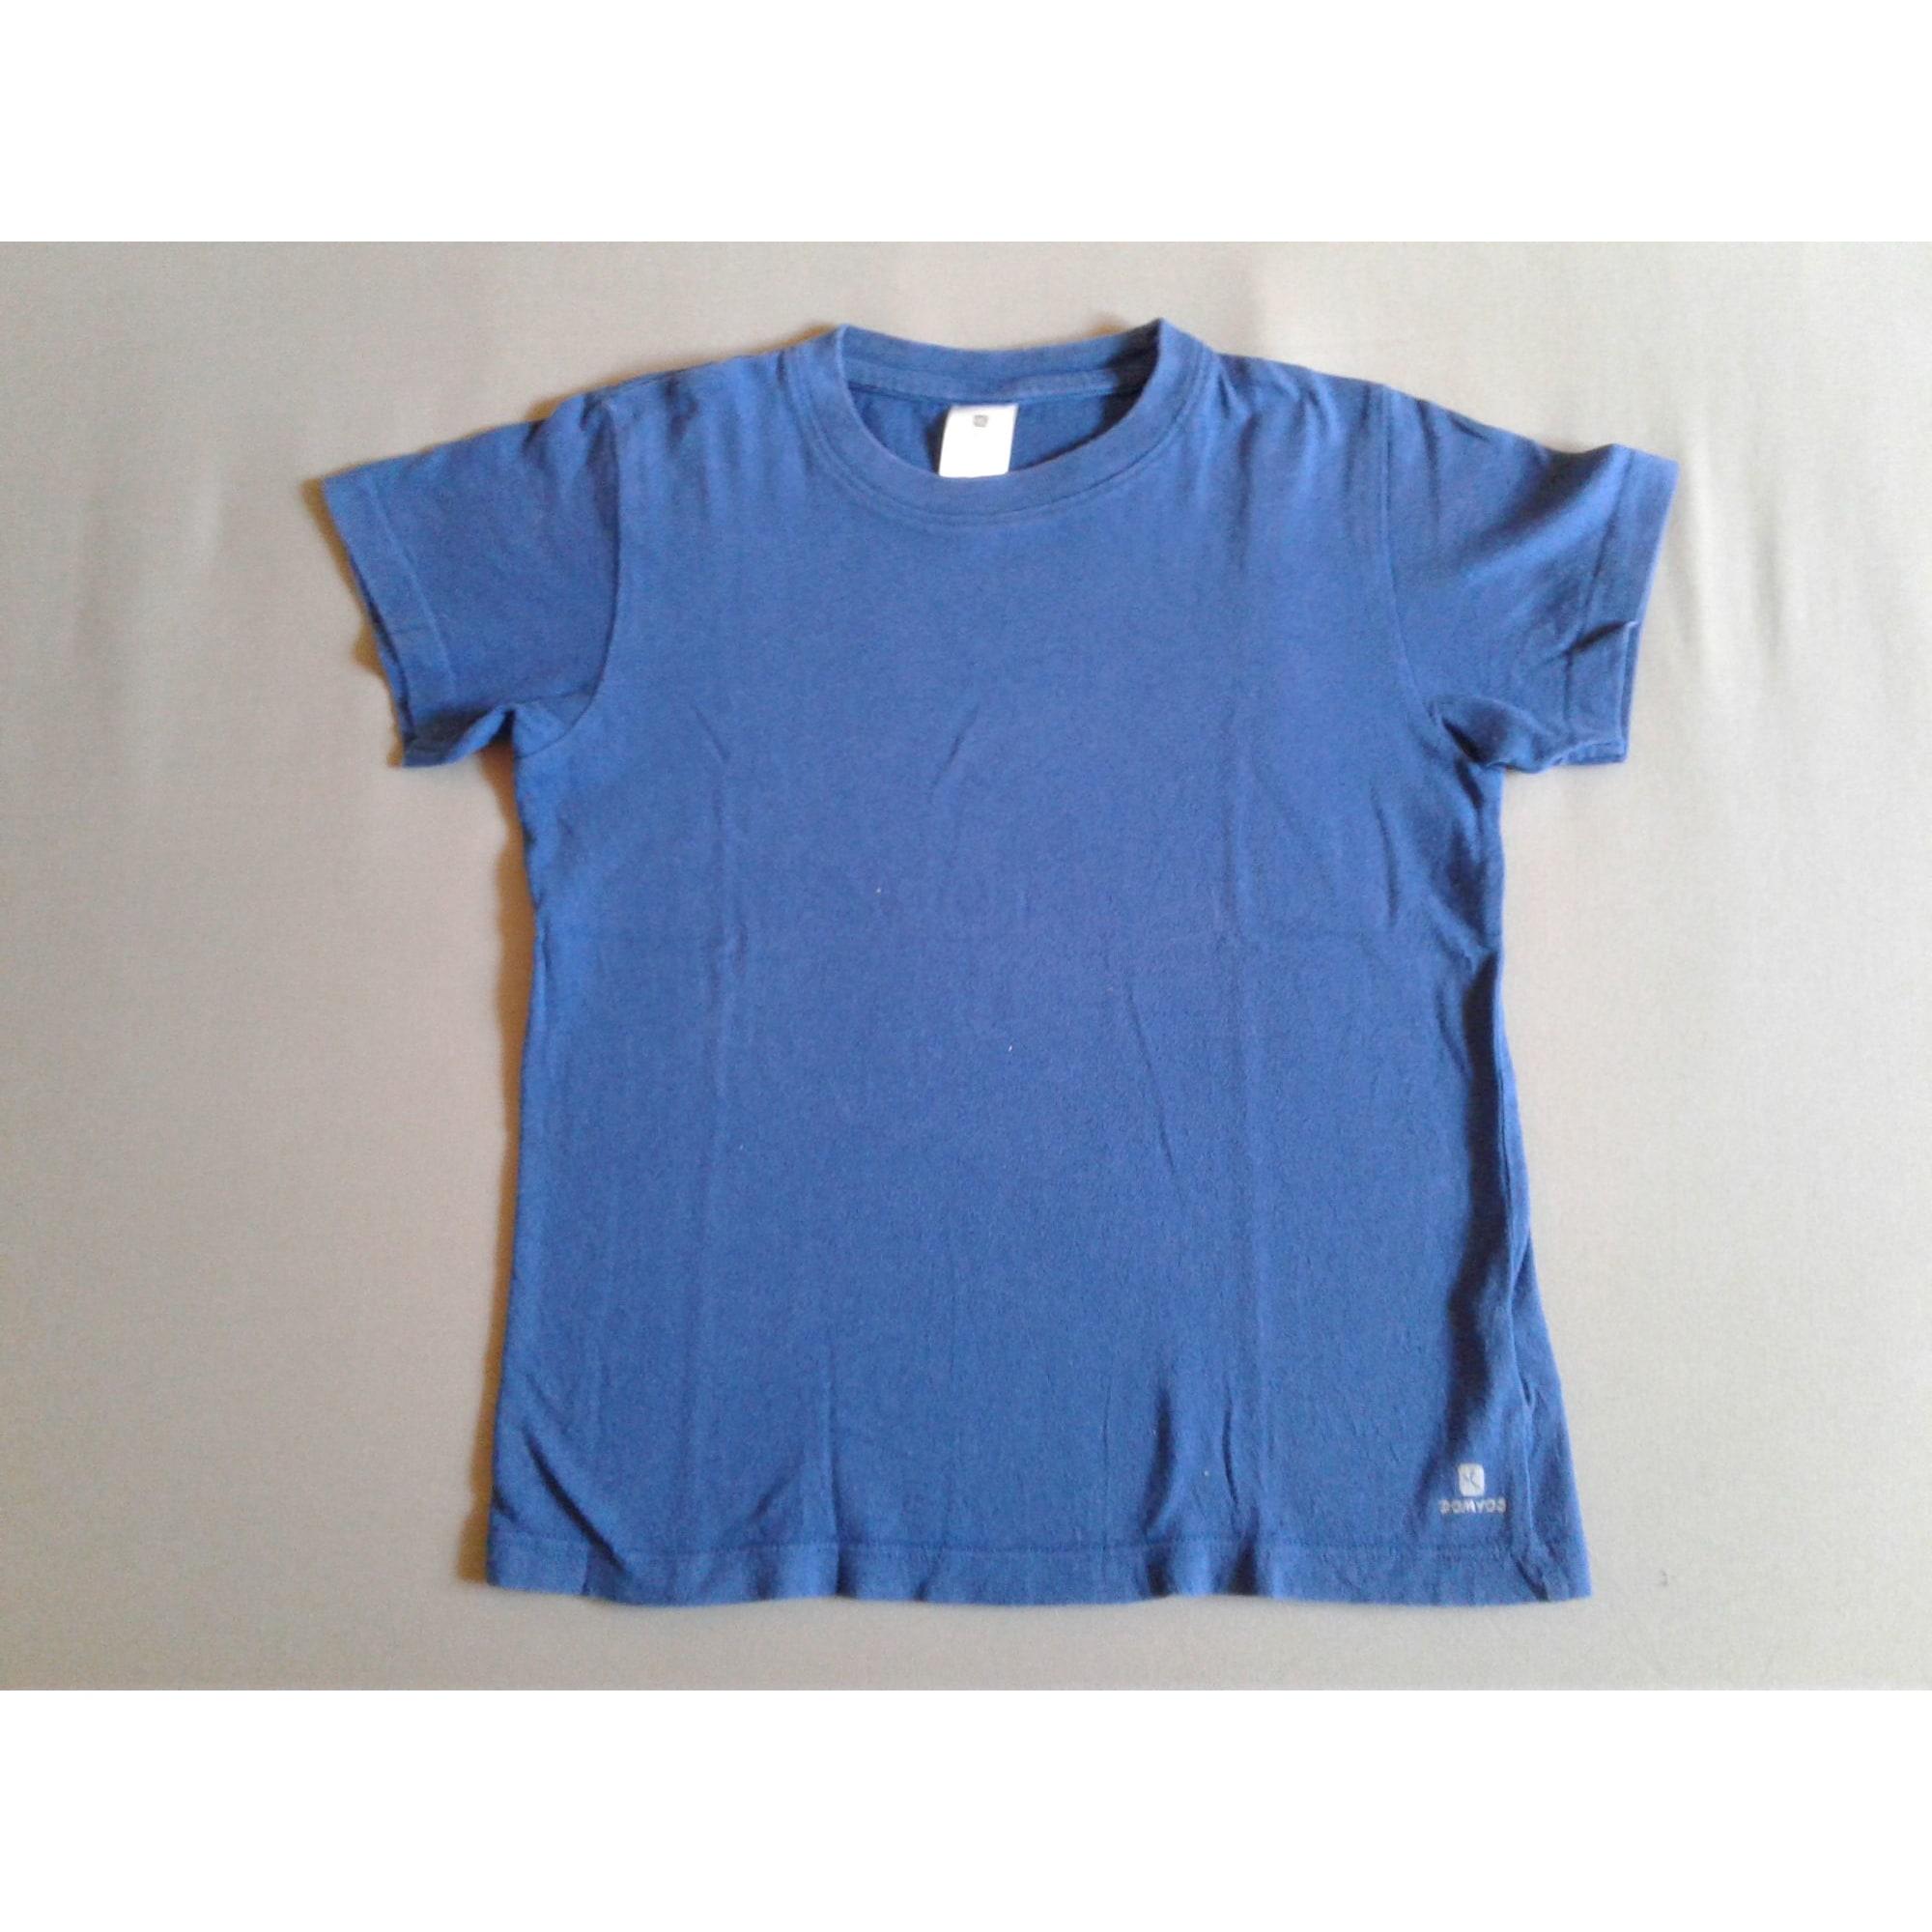 Tee-shirt DOMYOS Bleu, bleu marine, bleu turquoise